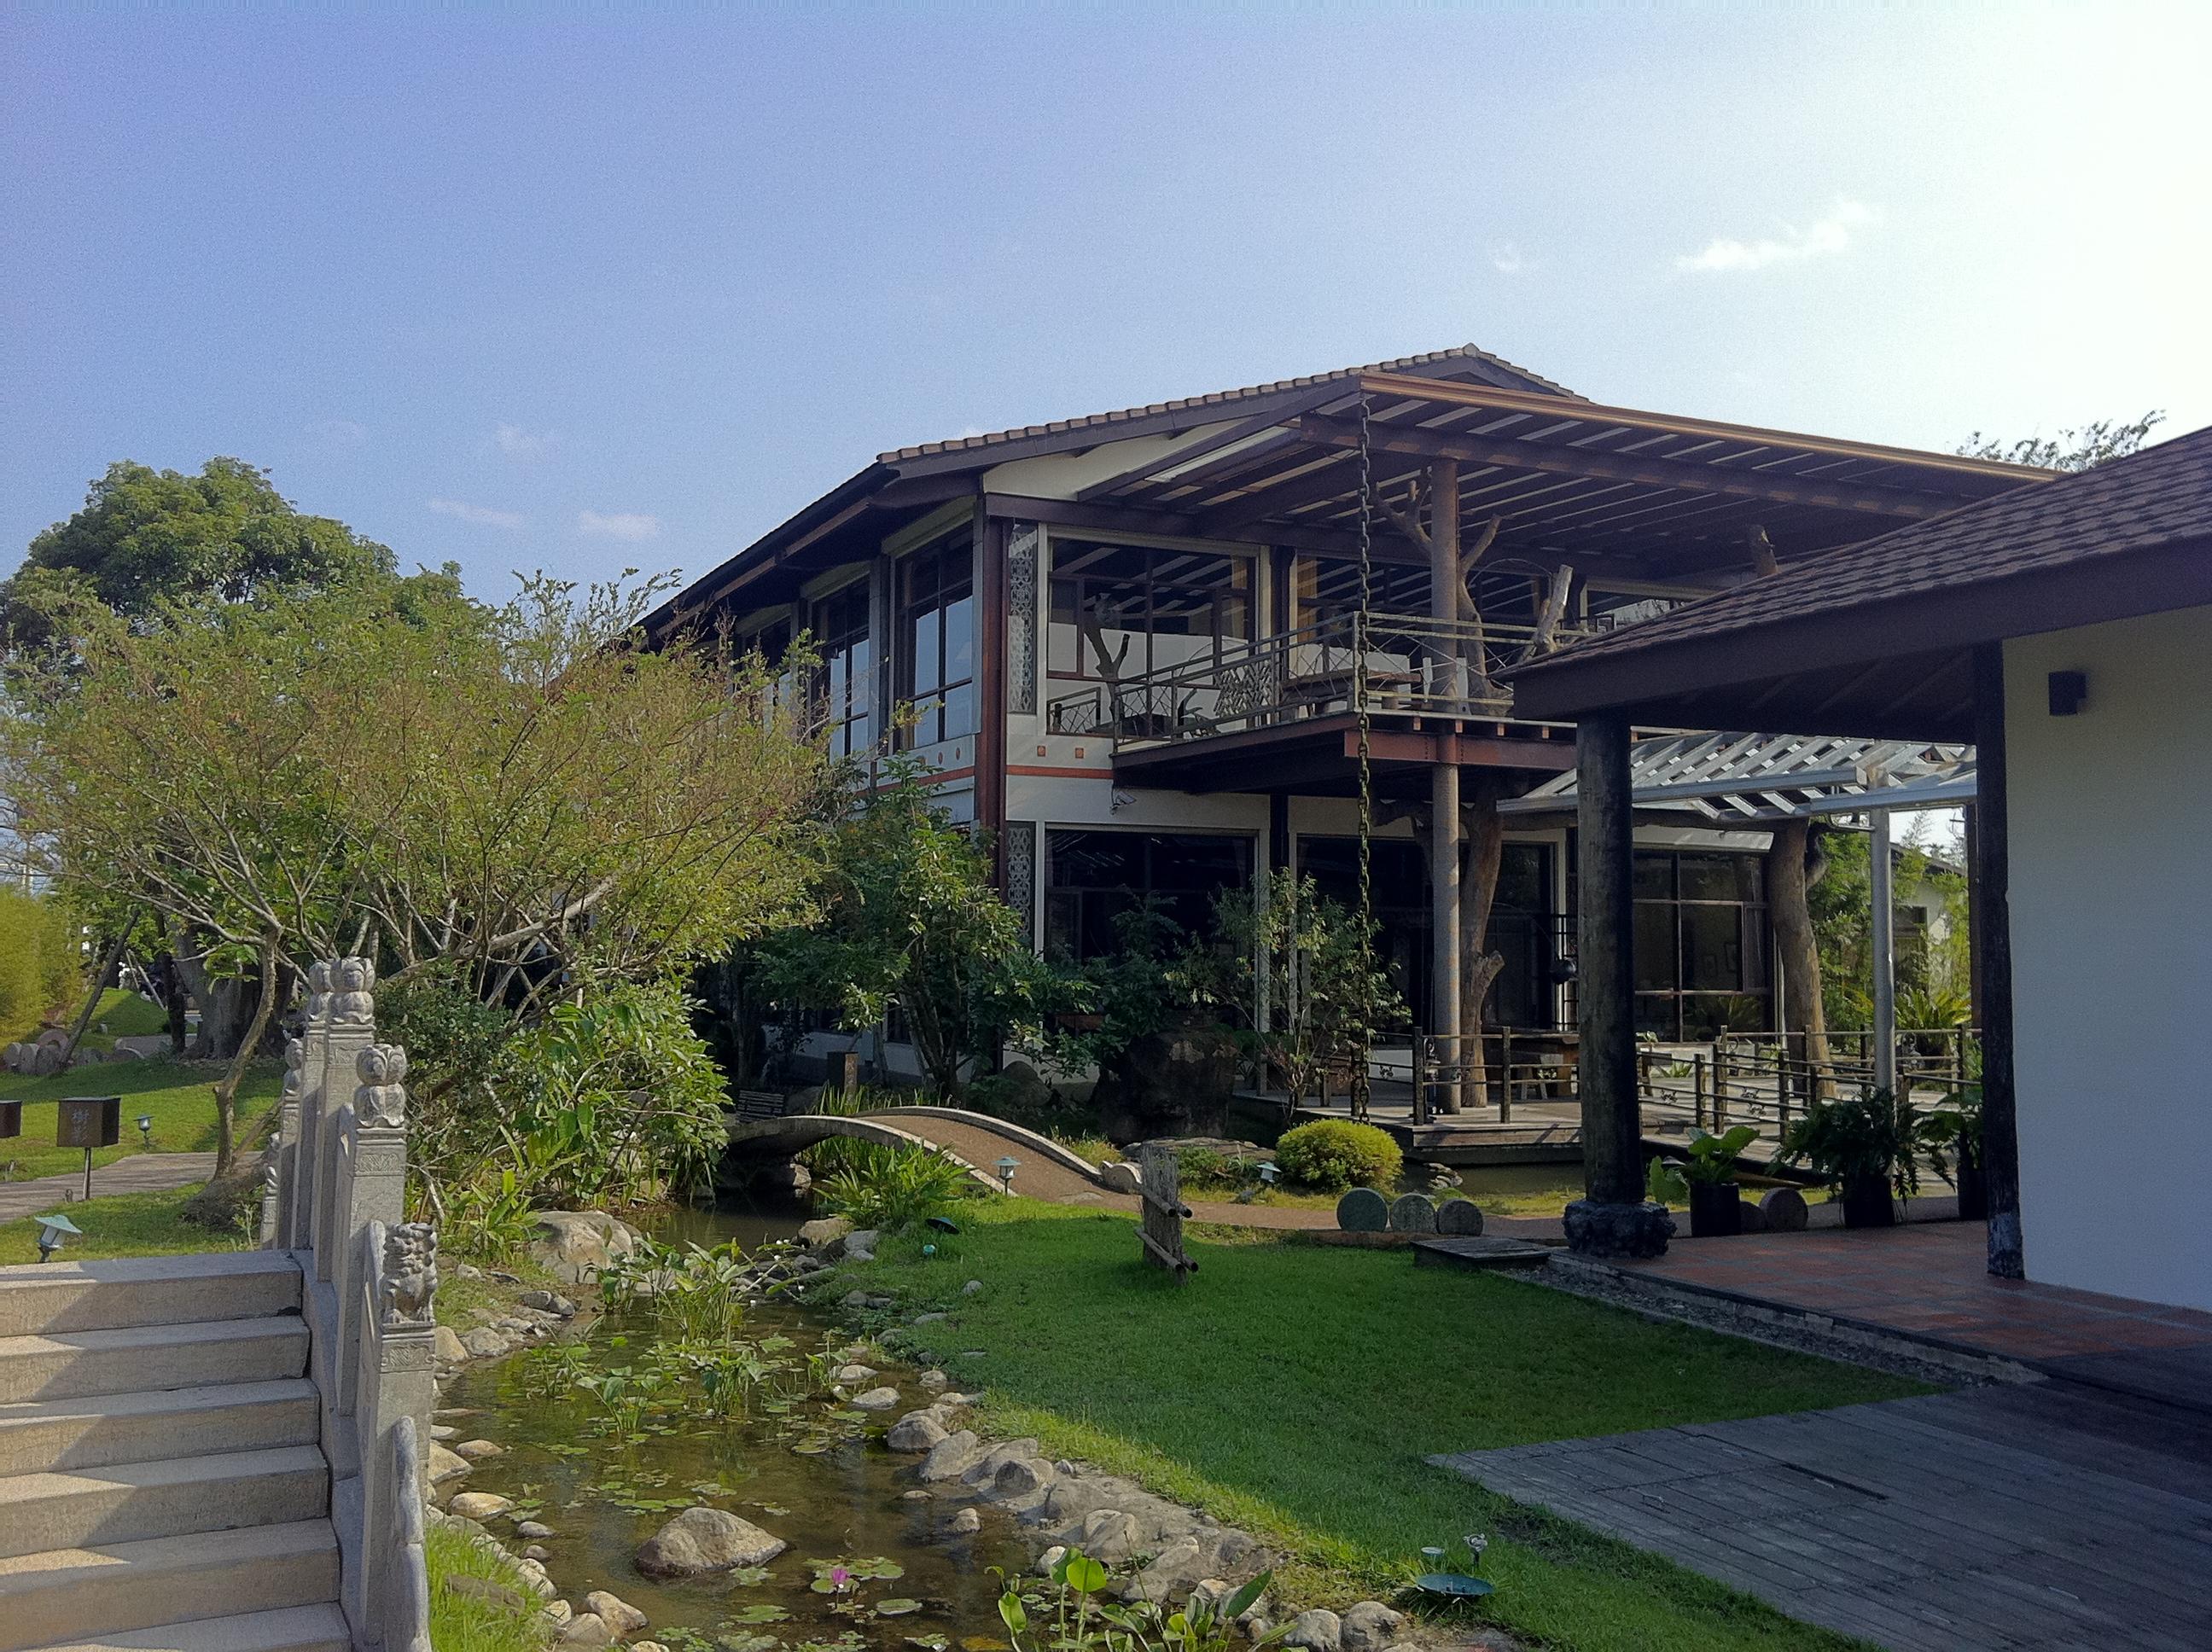 計畫外的「蘭陽博物館」x「掌上明珠會館」之旅 2012/11/13 | Flashmoment…